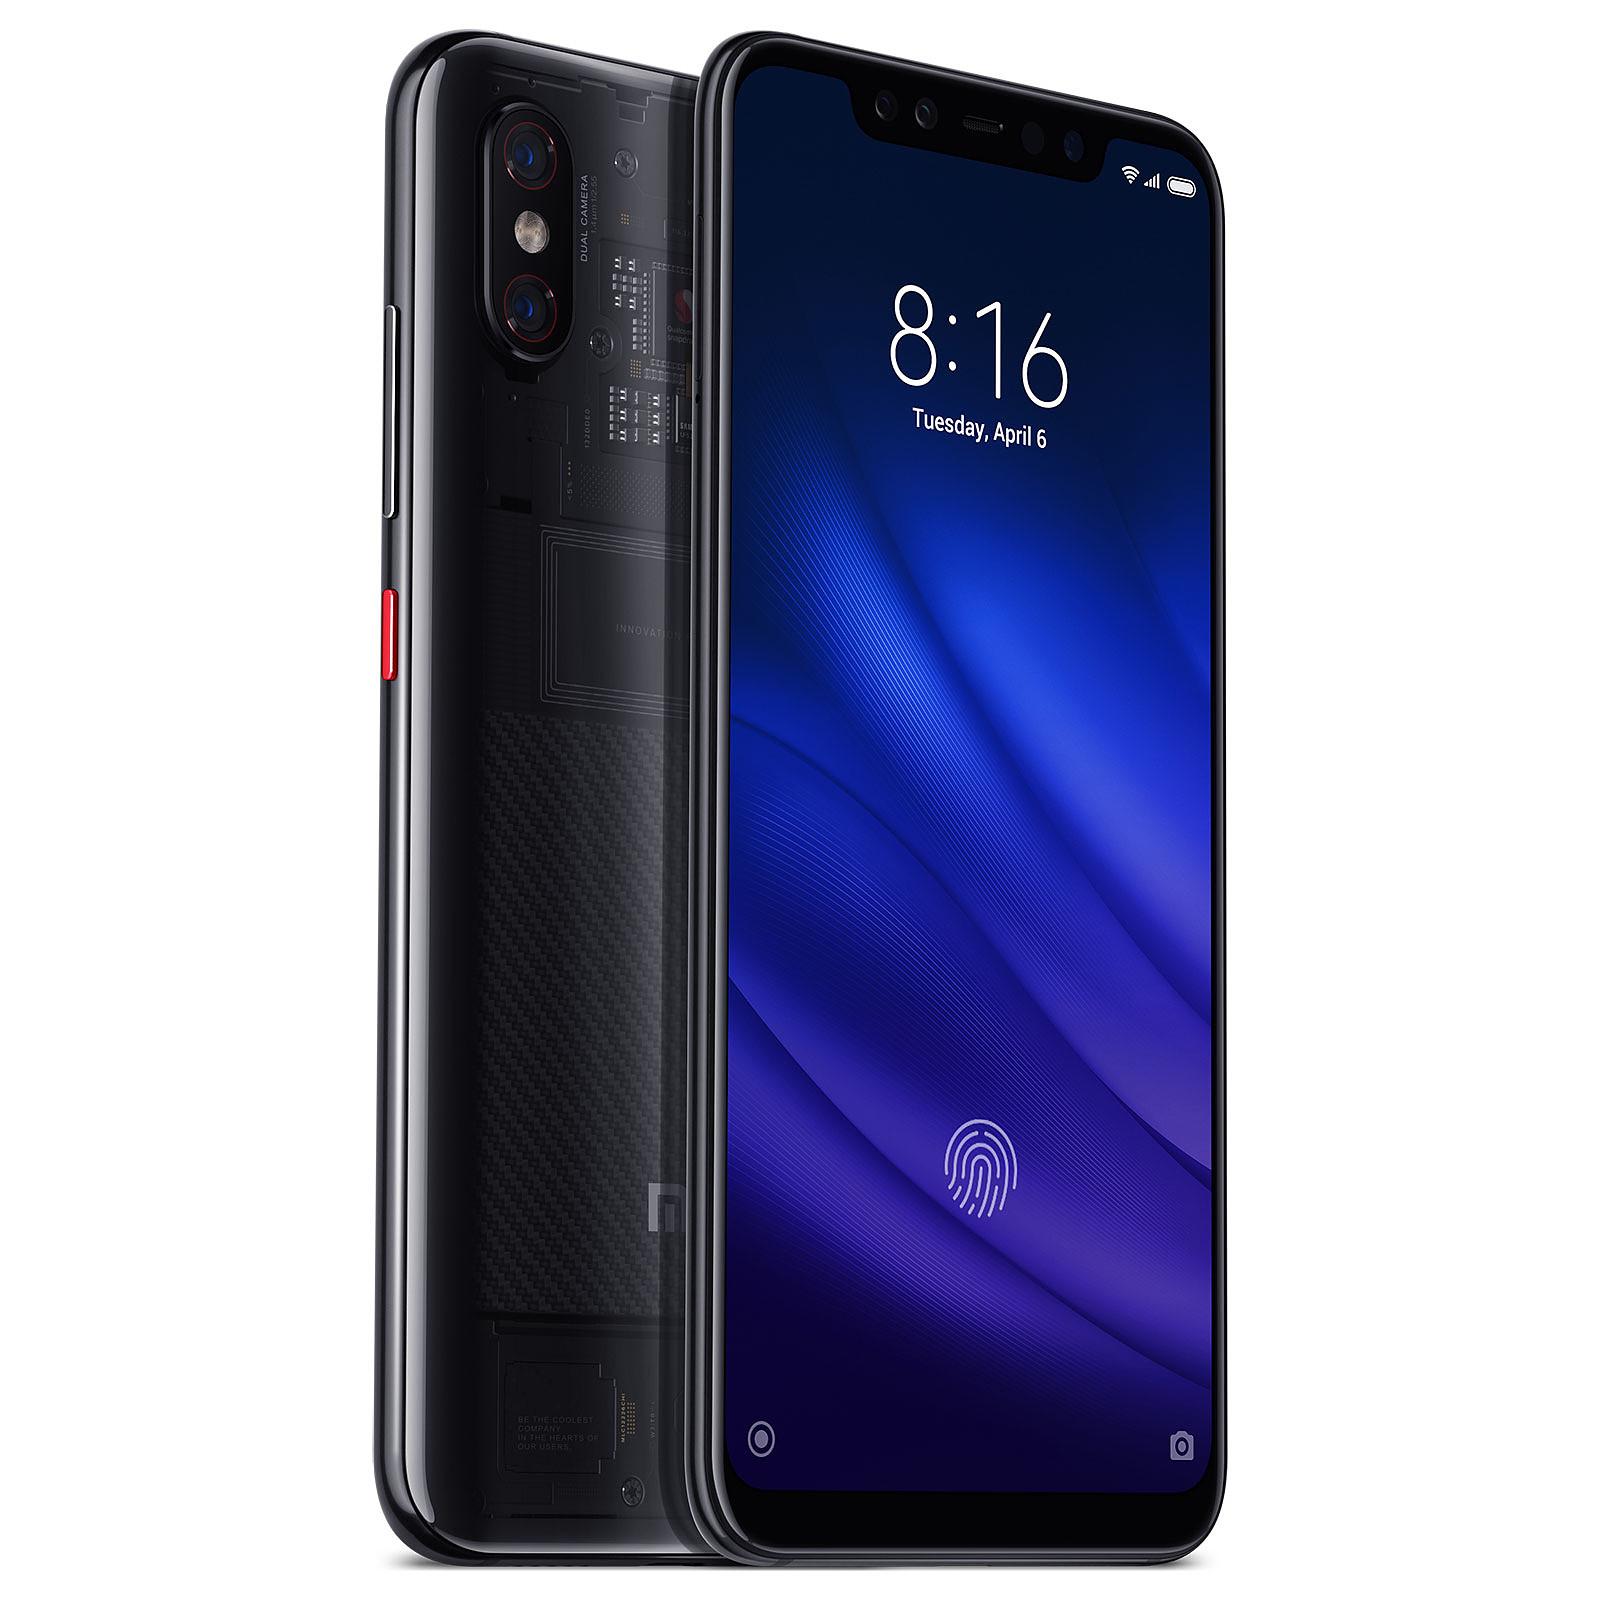 """[CDAV] Smartphone 6.21"""" Xiaomi Mi 8 Pro (Transparent) - Full HD+, Snapdragon 845, RAM 8 Go, 128 Go, Empreinte sous l'écran (Via ODR de 50€)"""